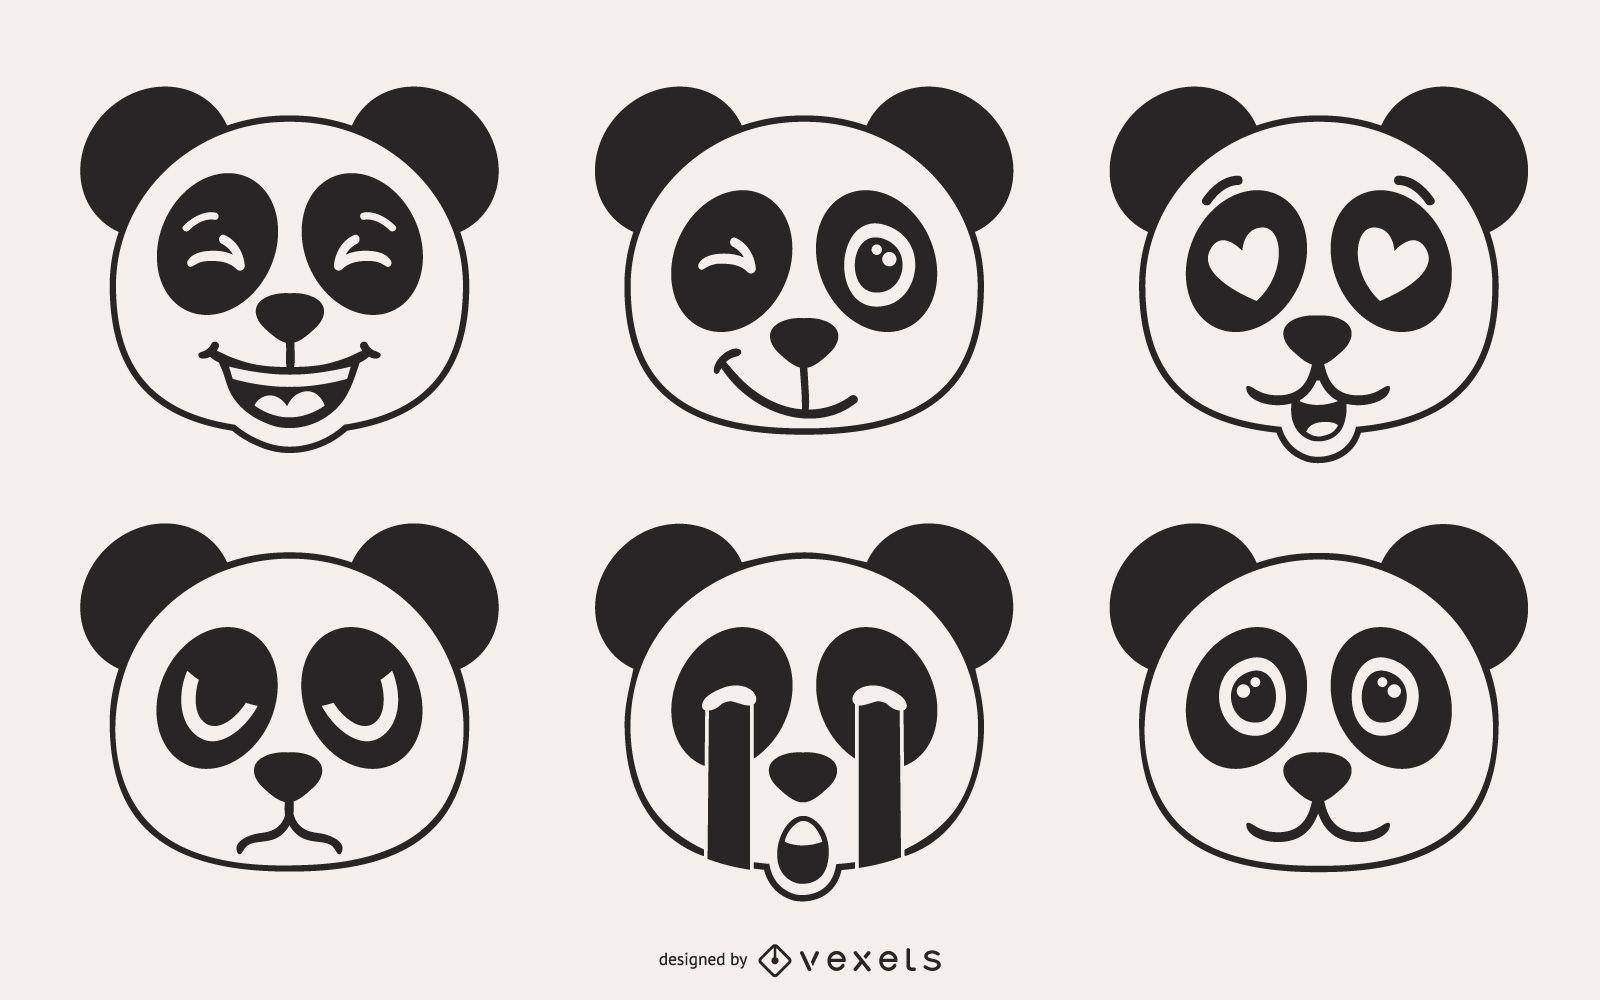 Conjunto de vectores de emoji de oso panda